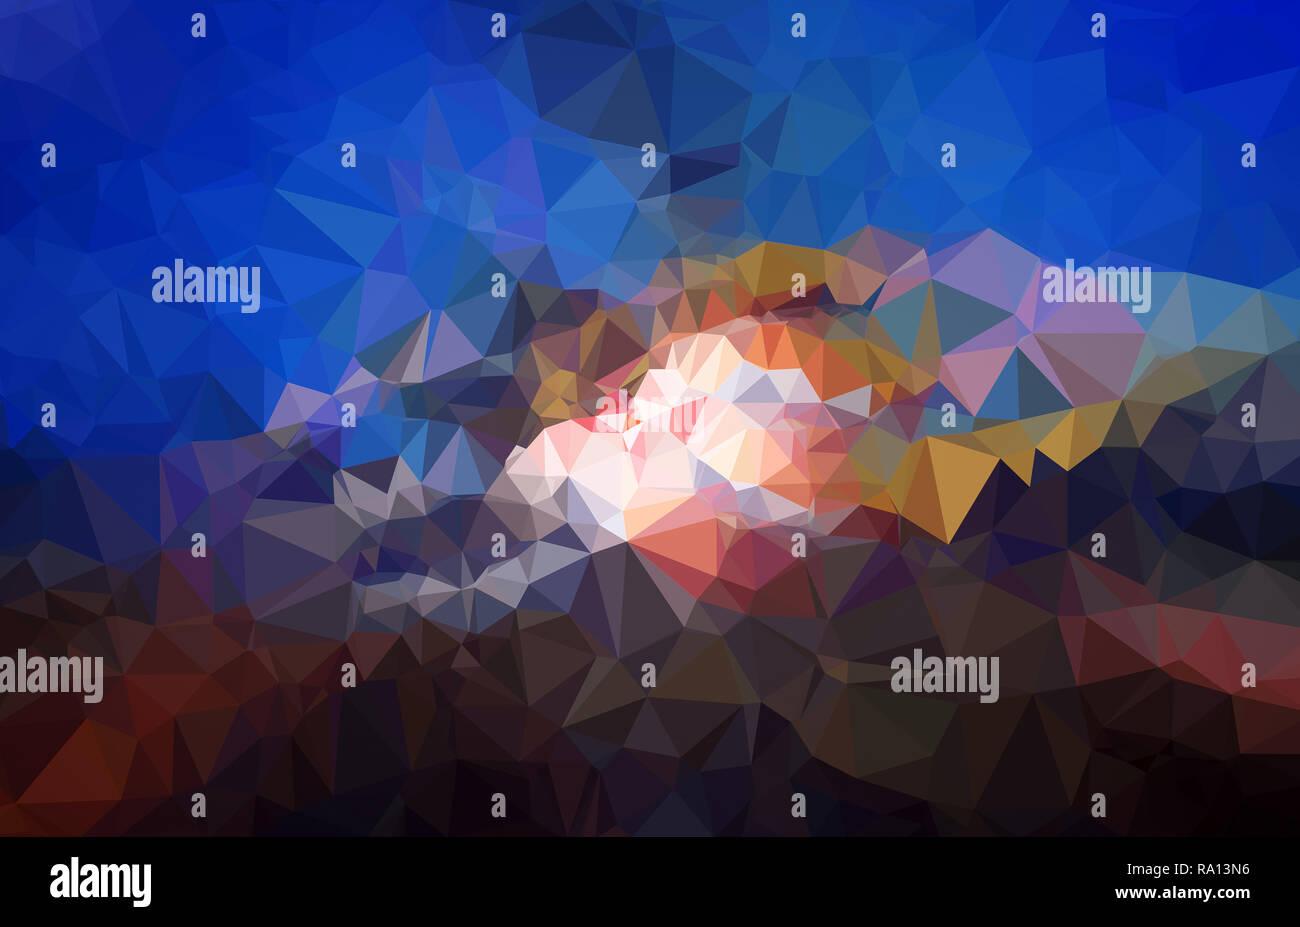 Alta risoluzione futuristico poligono colorato mosaico sfondo vettoriale. Abstract 3D bassa triangolare poli stile gradiente dello sfondo. Immagini Stock